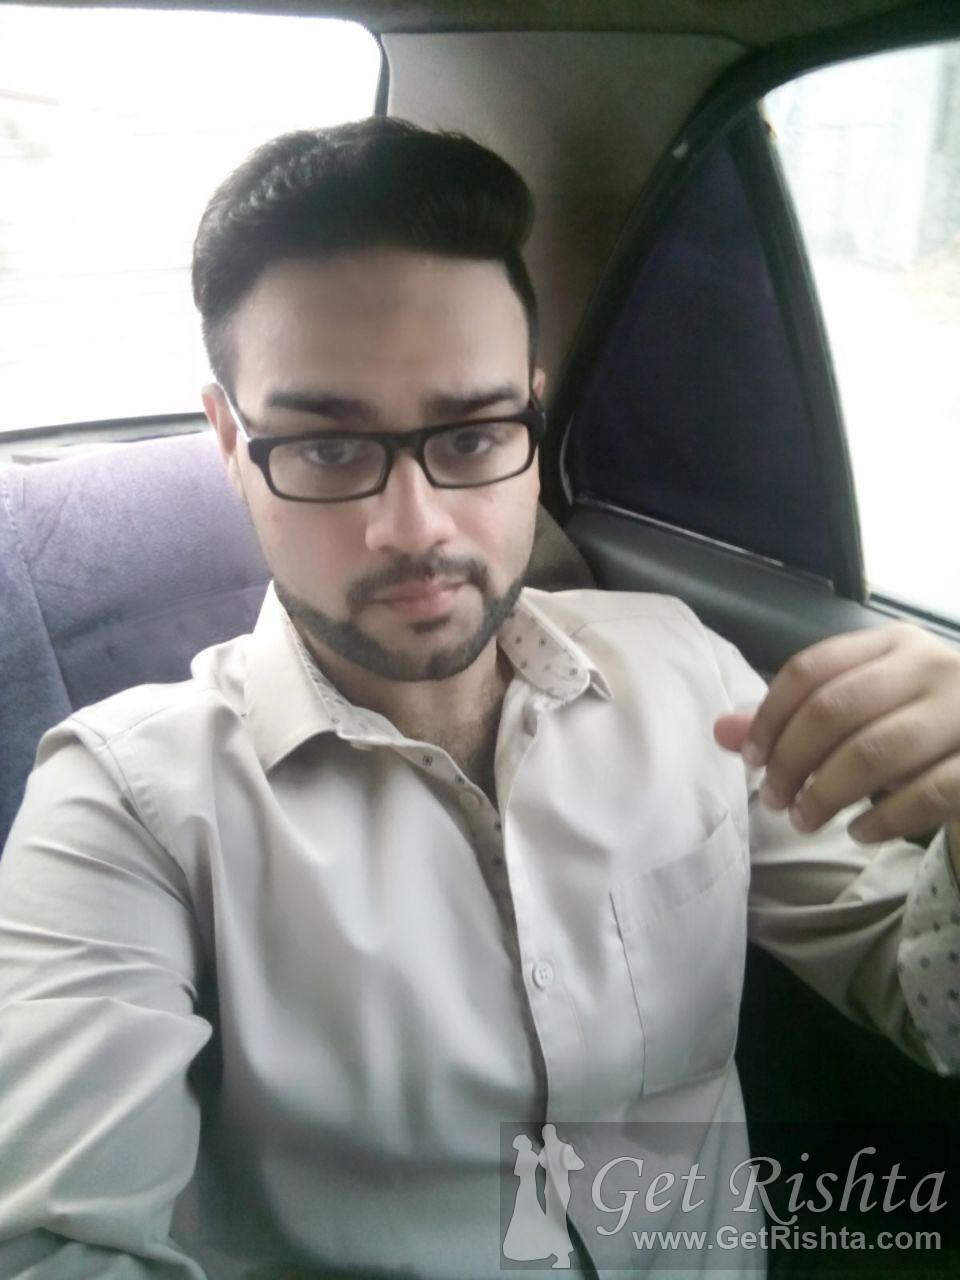 Boy Rishta Marriage Lahore Arain proposal | Aryan / IRAIN